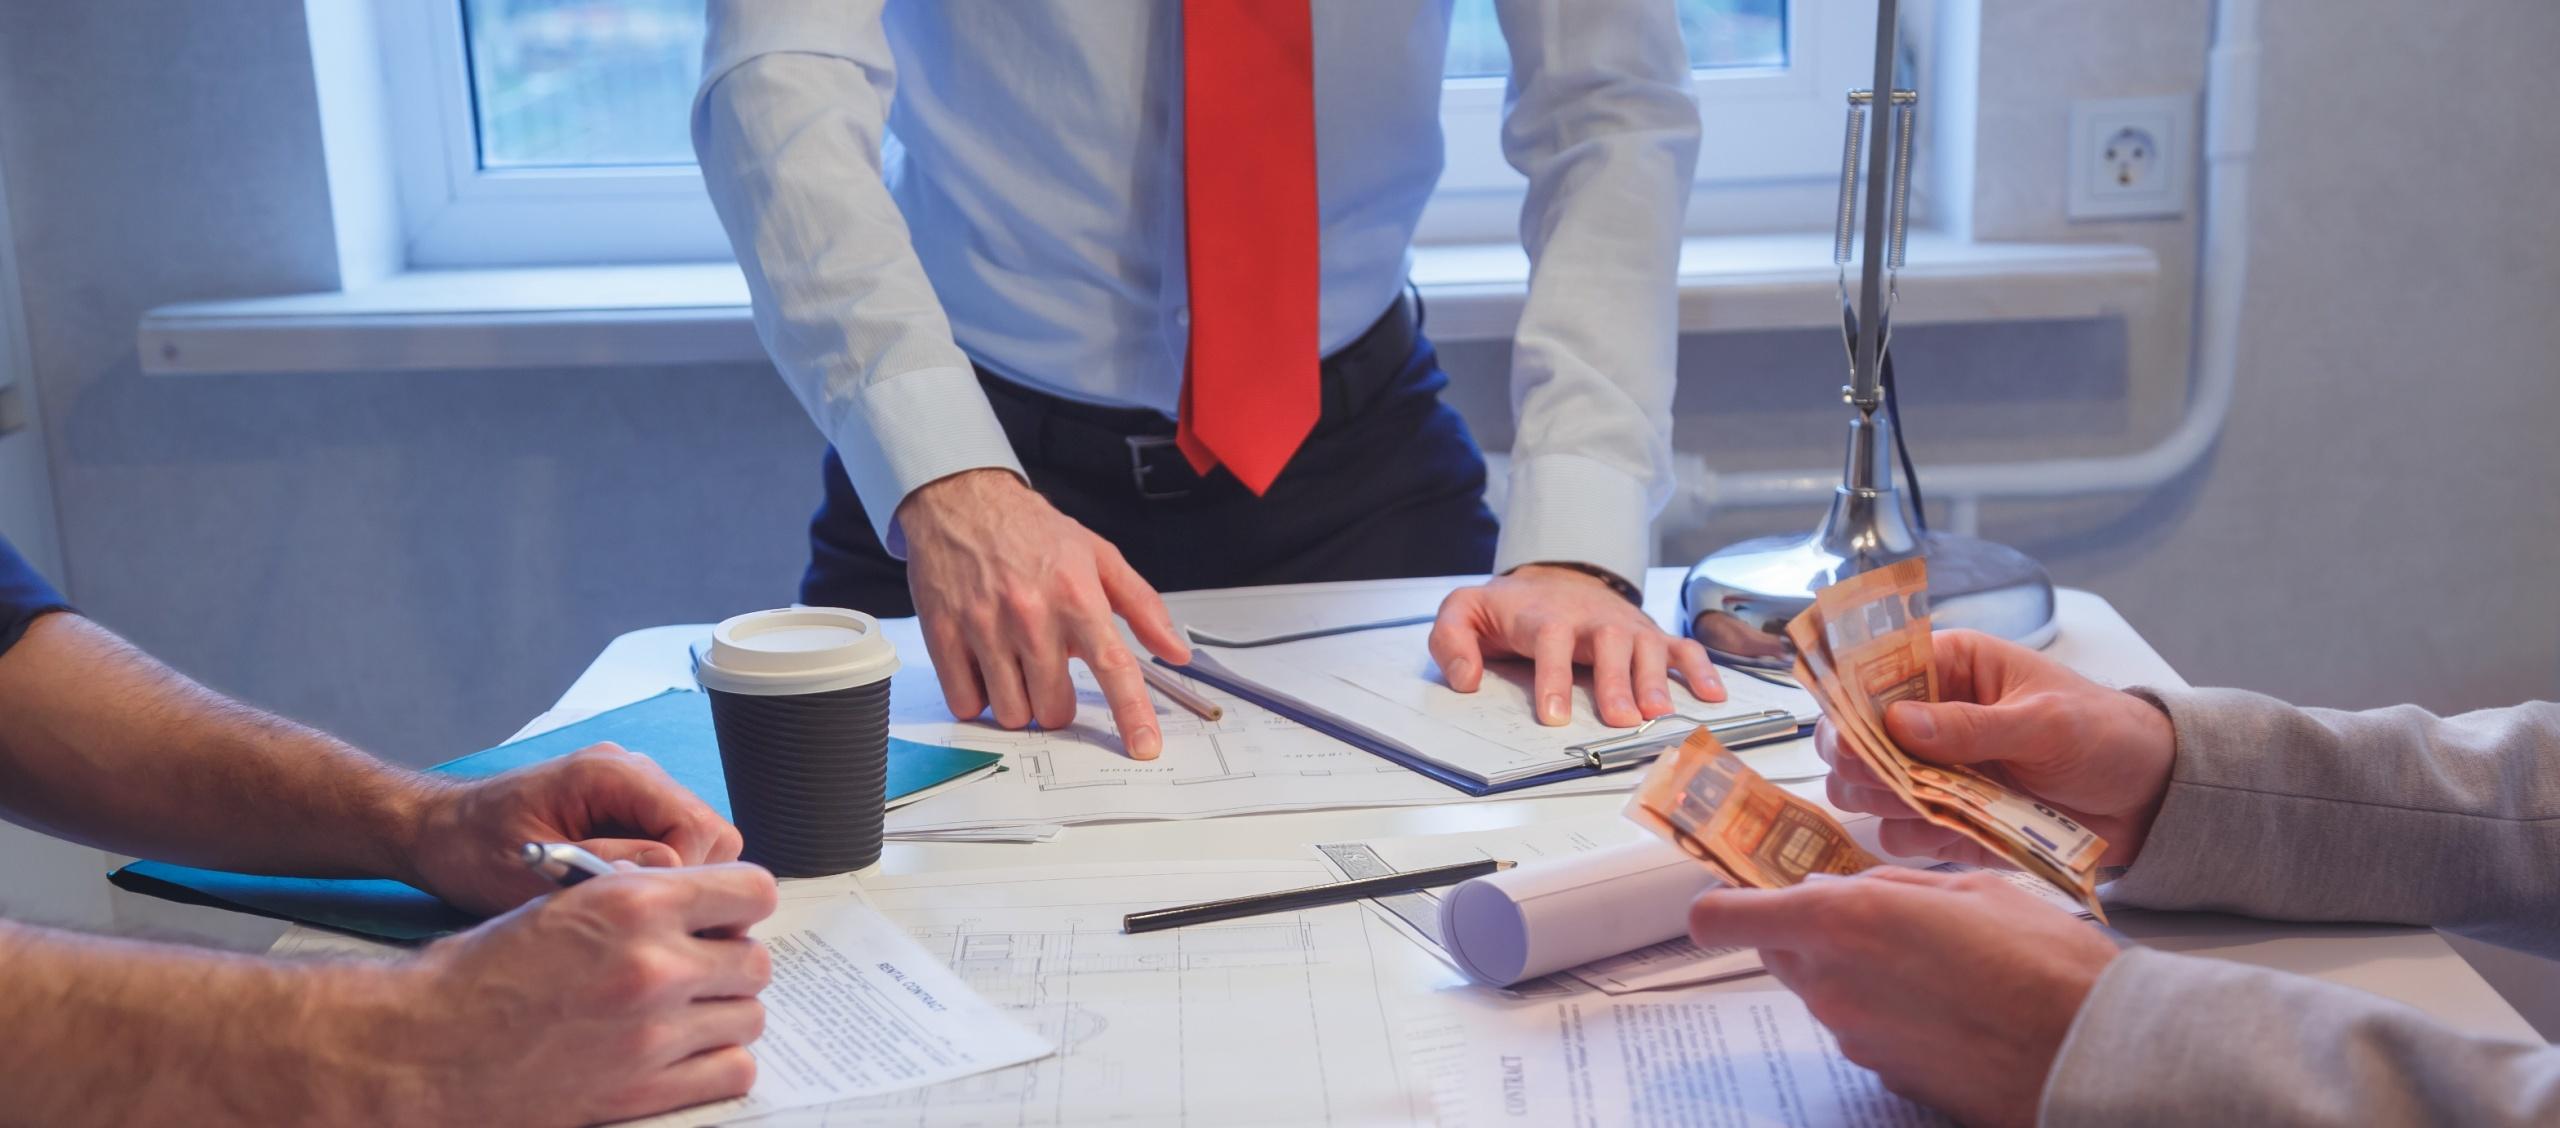 פתרונות אפקטיביים - רווחת עובדים